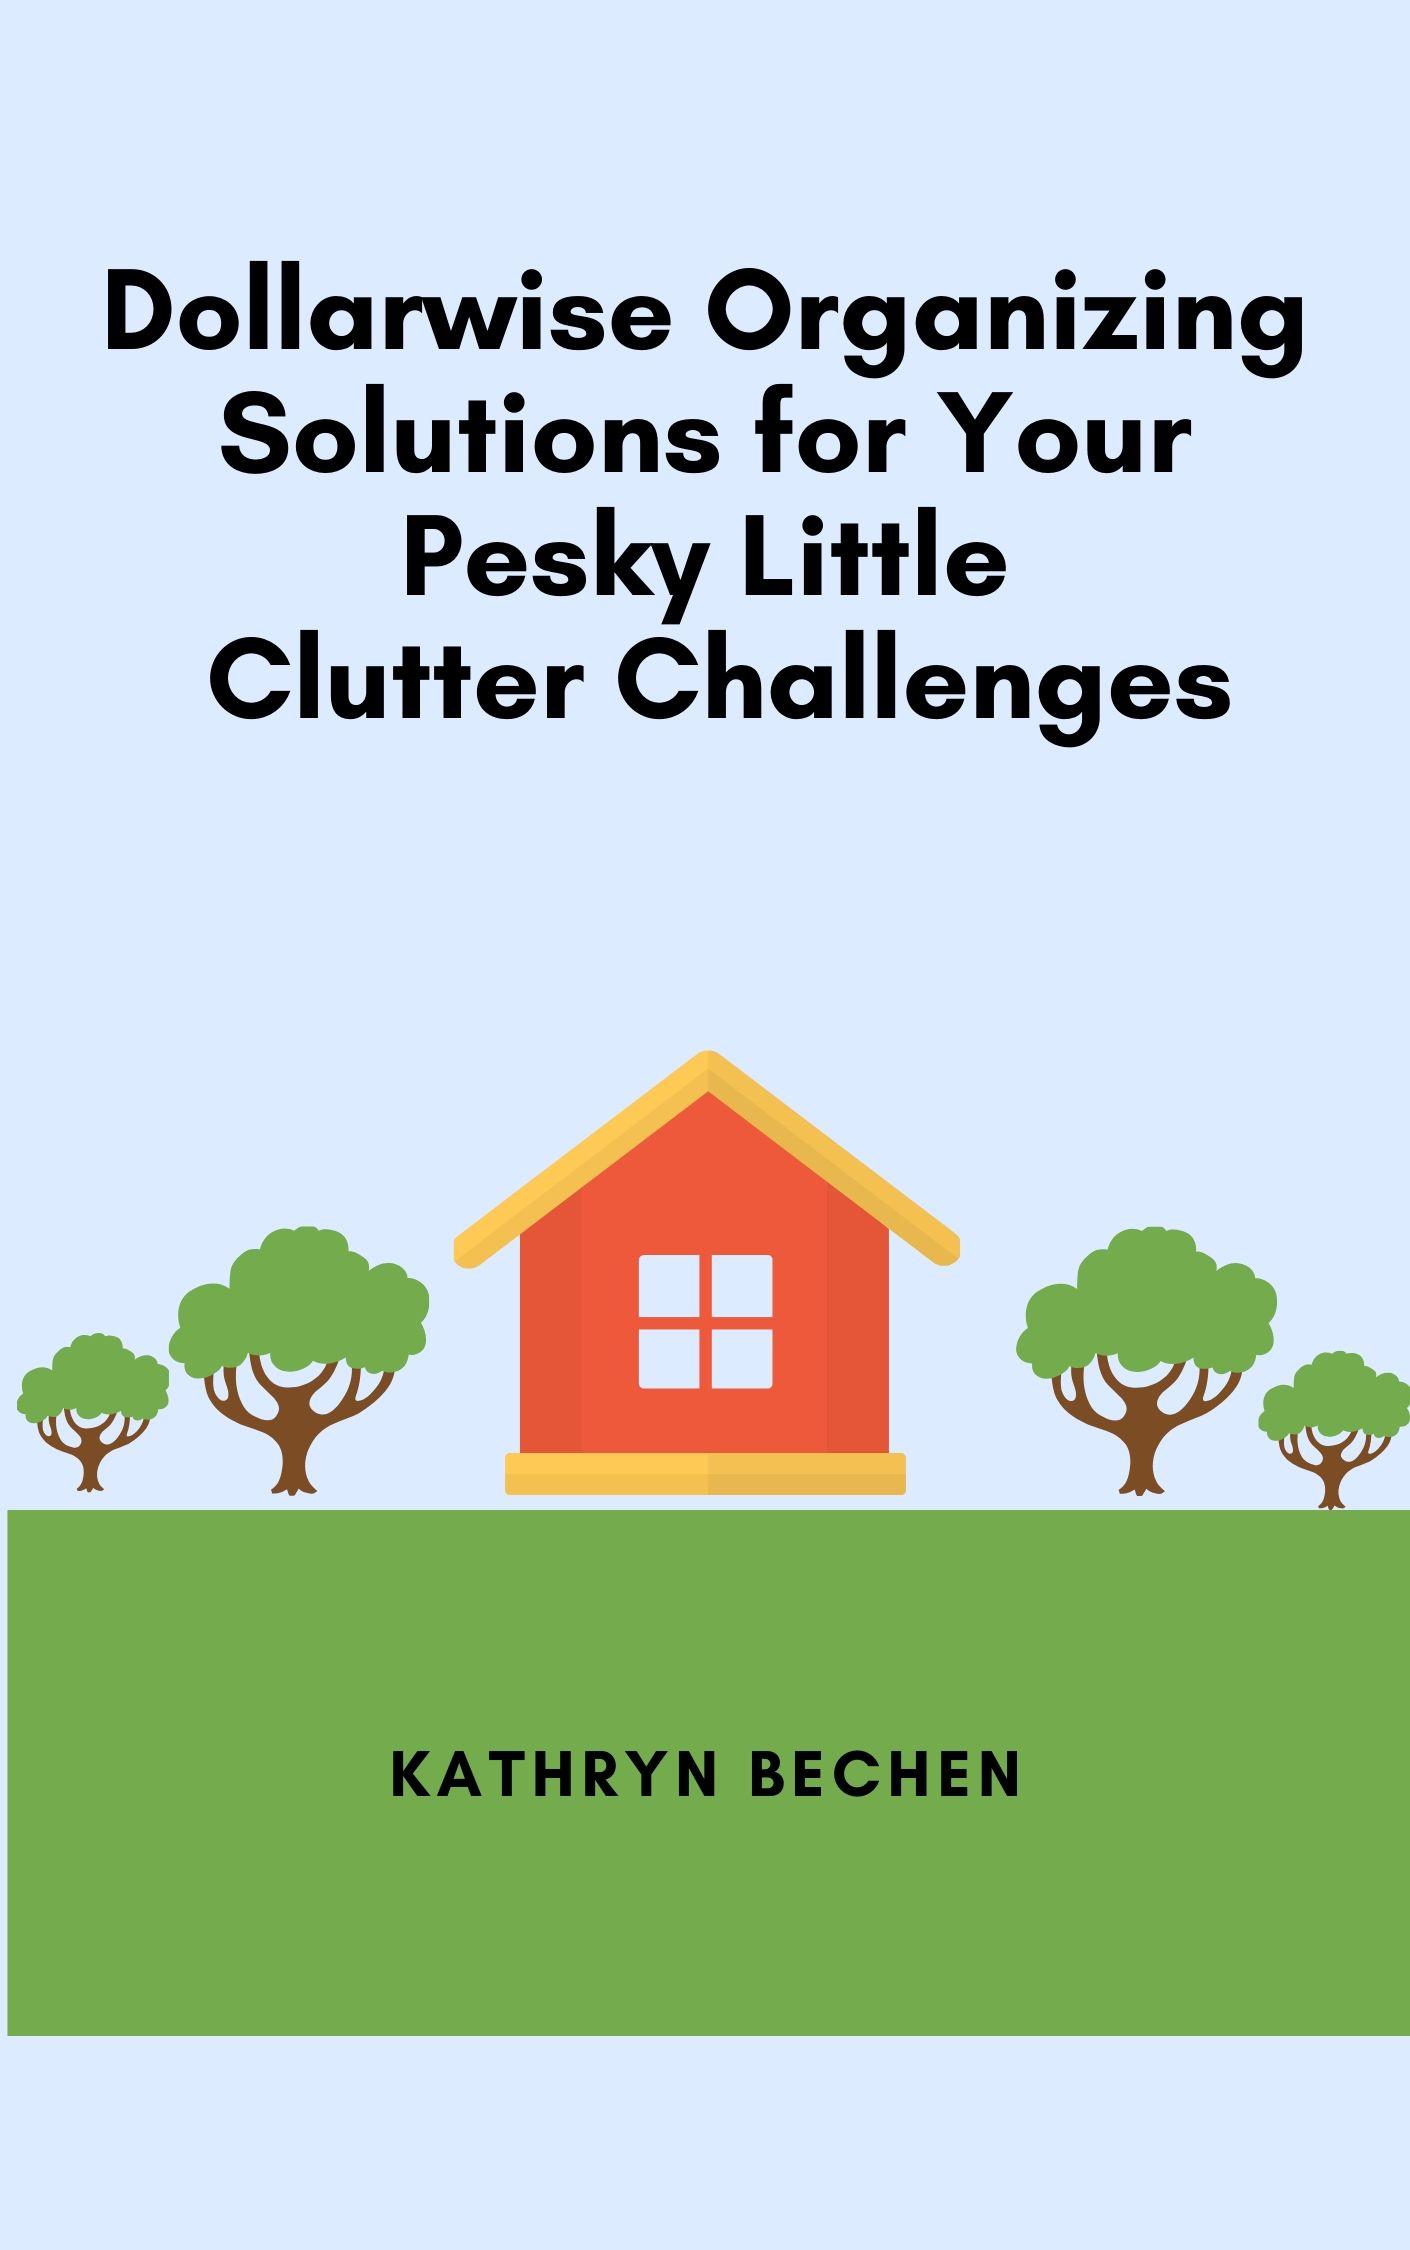 Dollarwise Organizing Solutions Kathryn Bechen